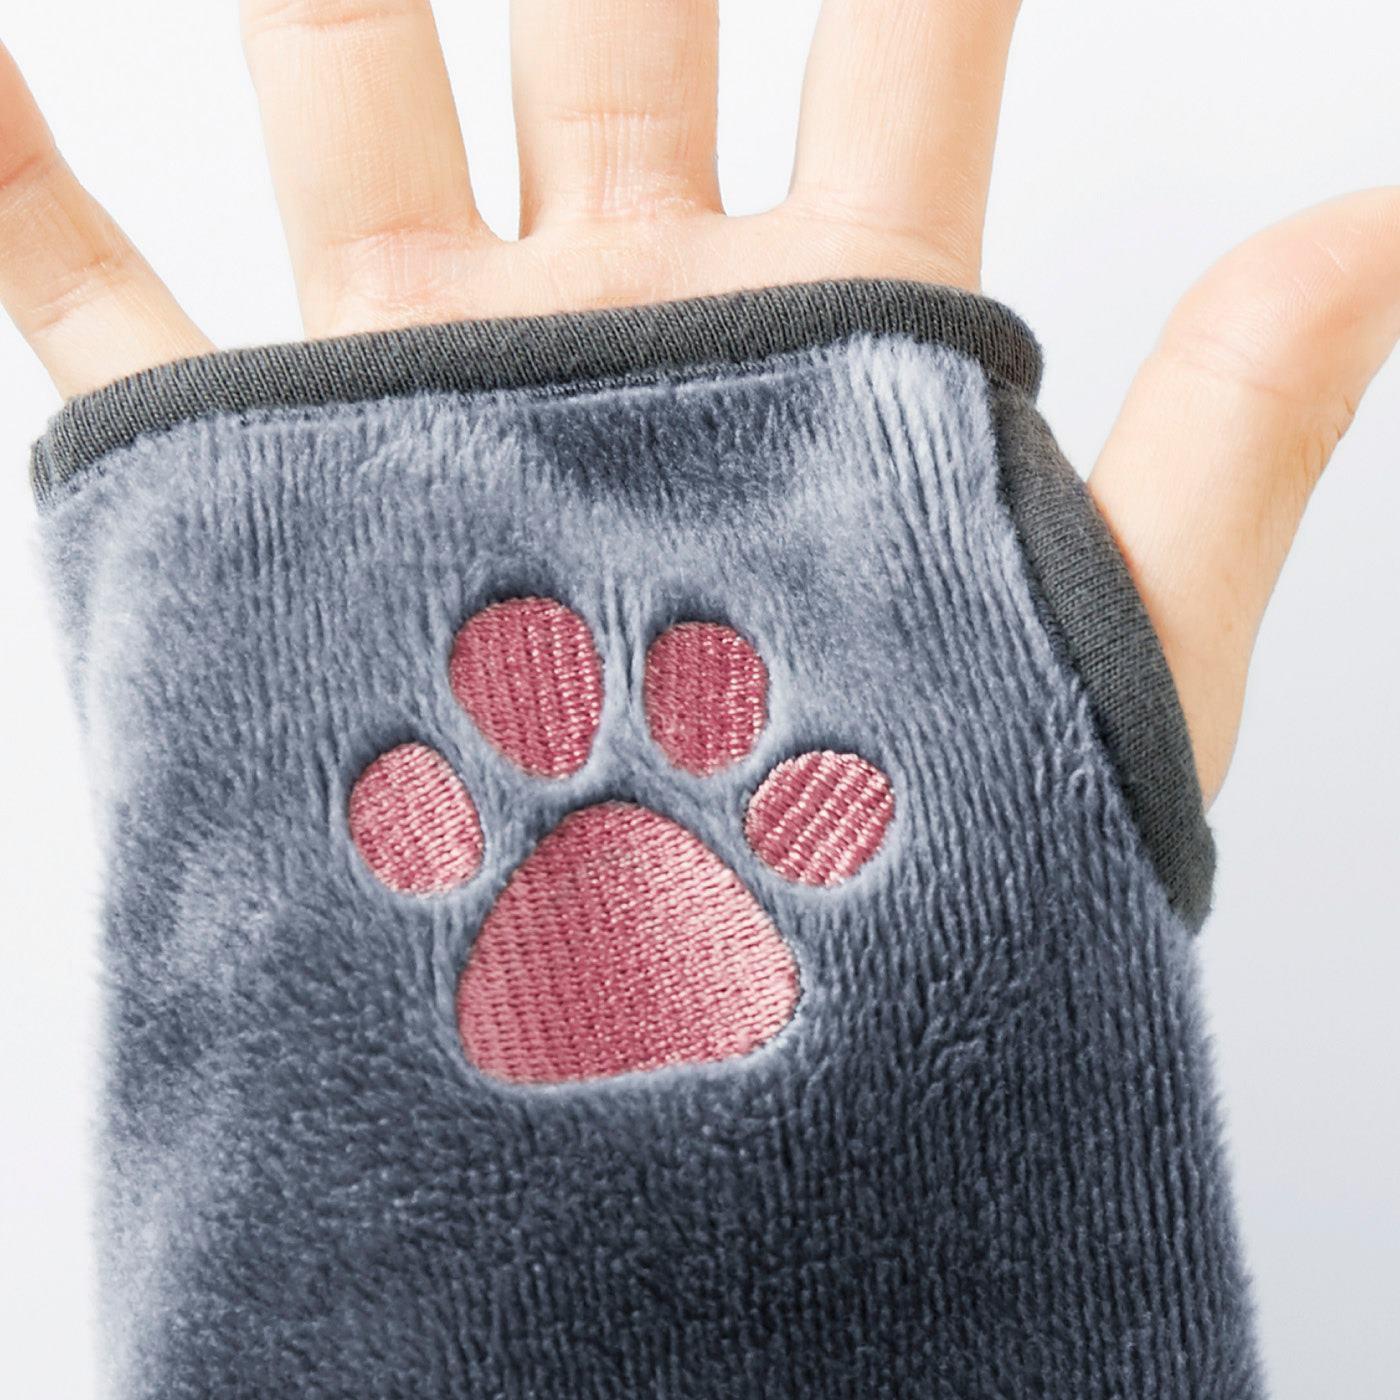 サムホールに親指を通すと、手のひらにちょうどあずき色の肉球が!